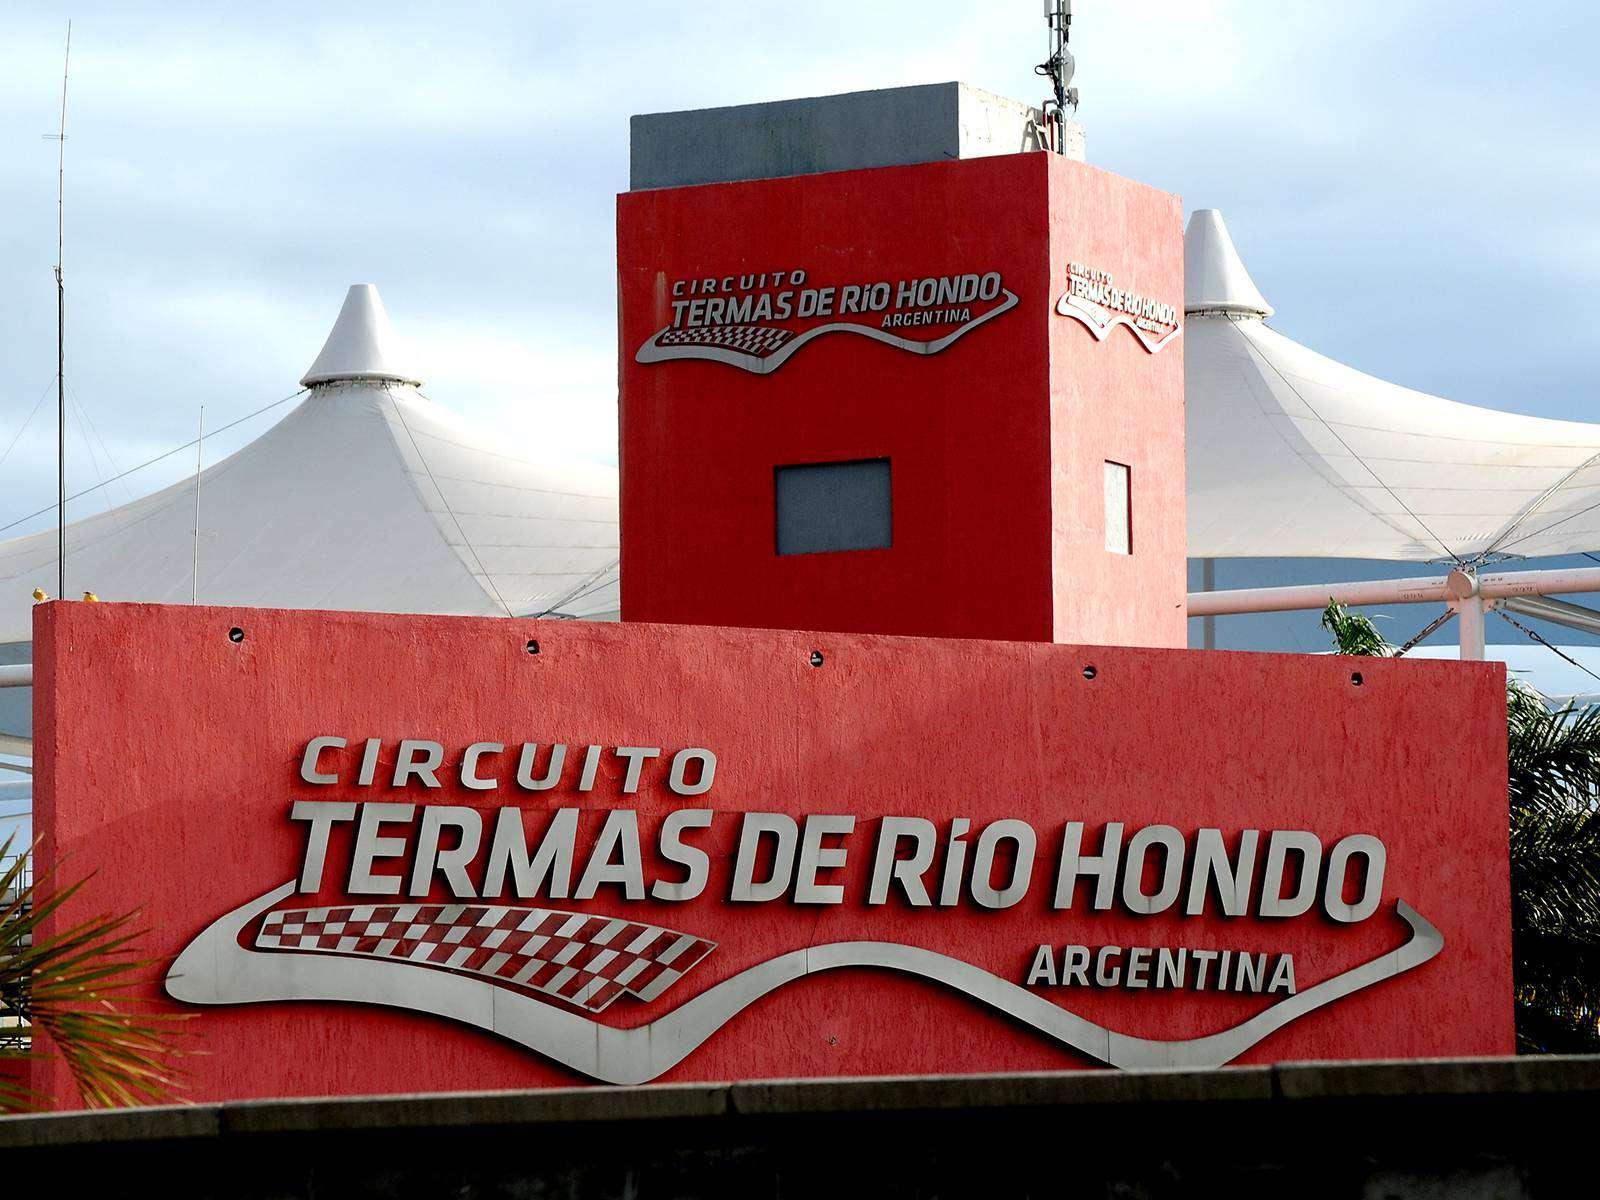 Comprá en Mercado Libre tus entradas para Termas de Río Hondo